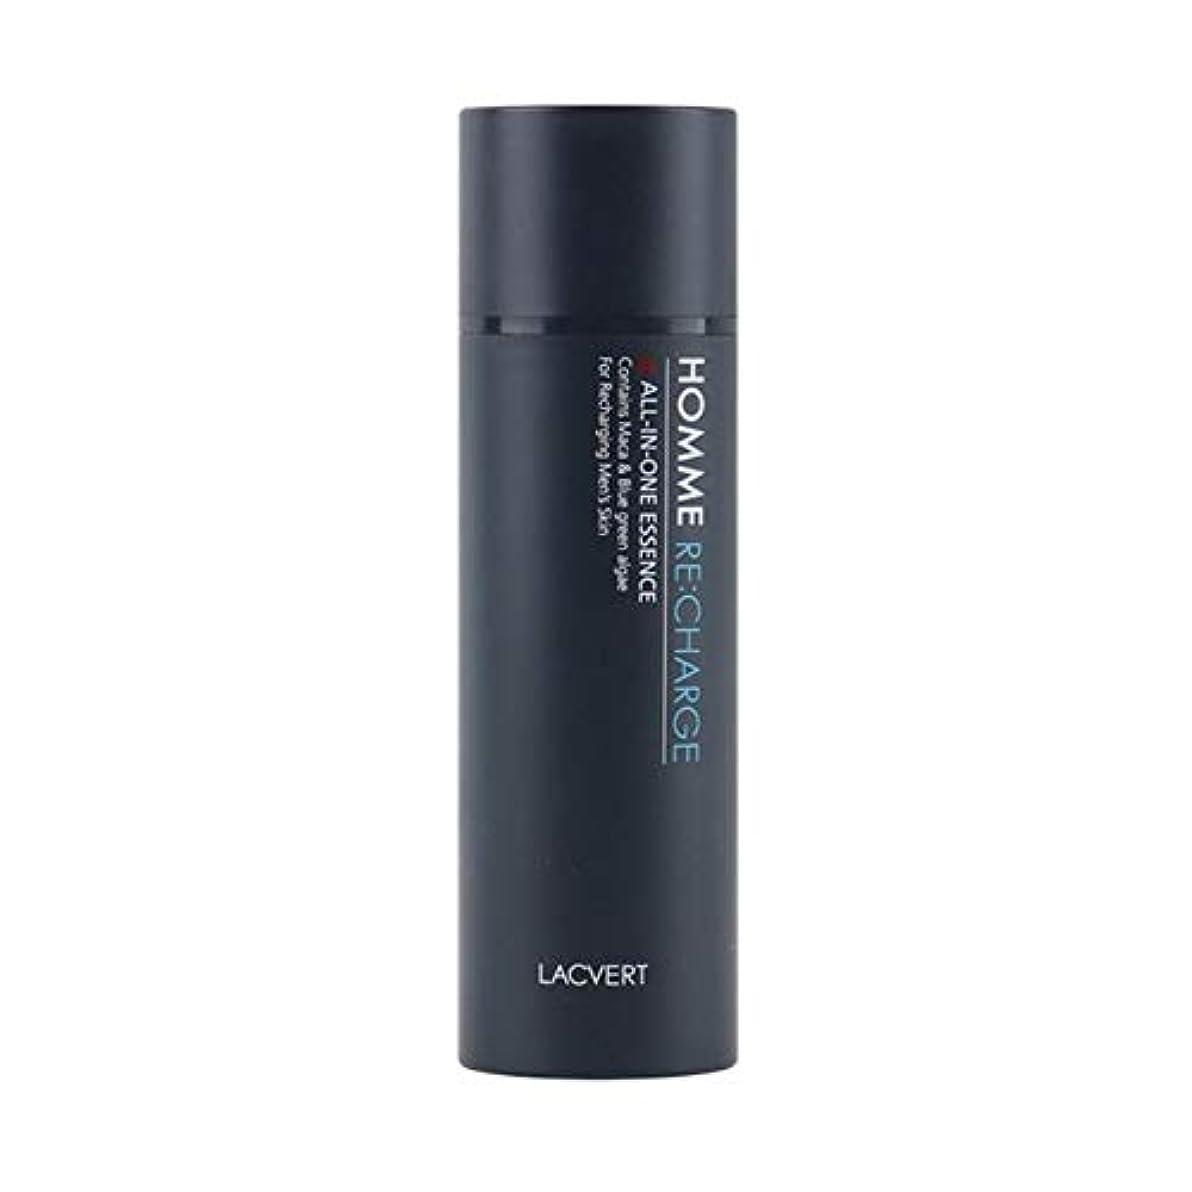 金貸し宣言する毎月ラクベルオムリチャージオールインワンエッセンス150mlメンズコスメ韓国コスメ、Lacvert Homme Recharge All in One Essence 150ml Men's Cosmetics Korean...